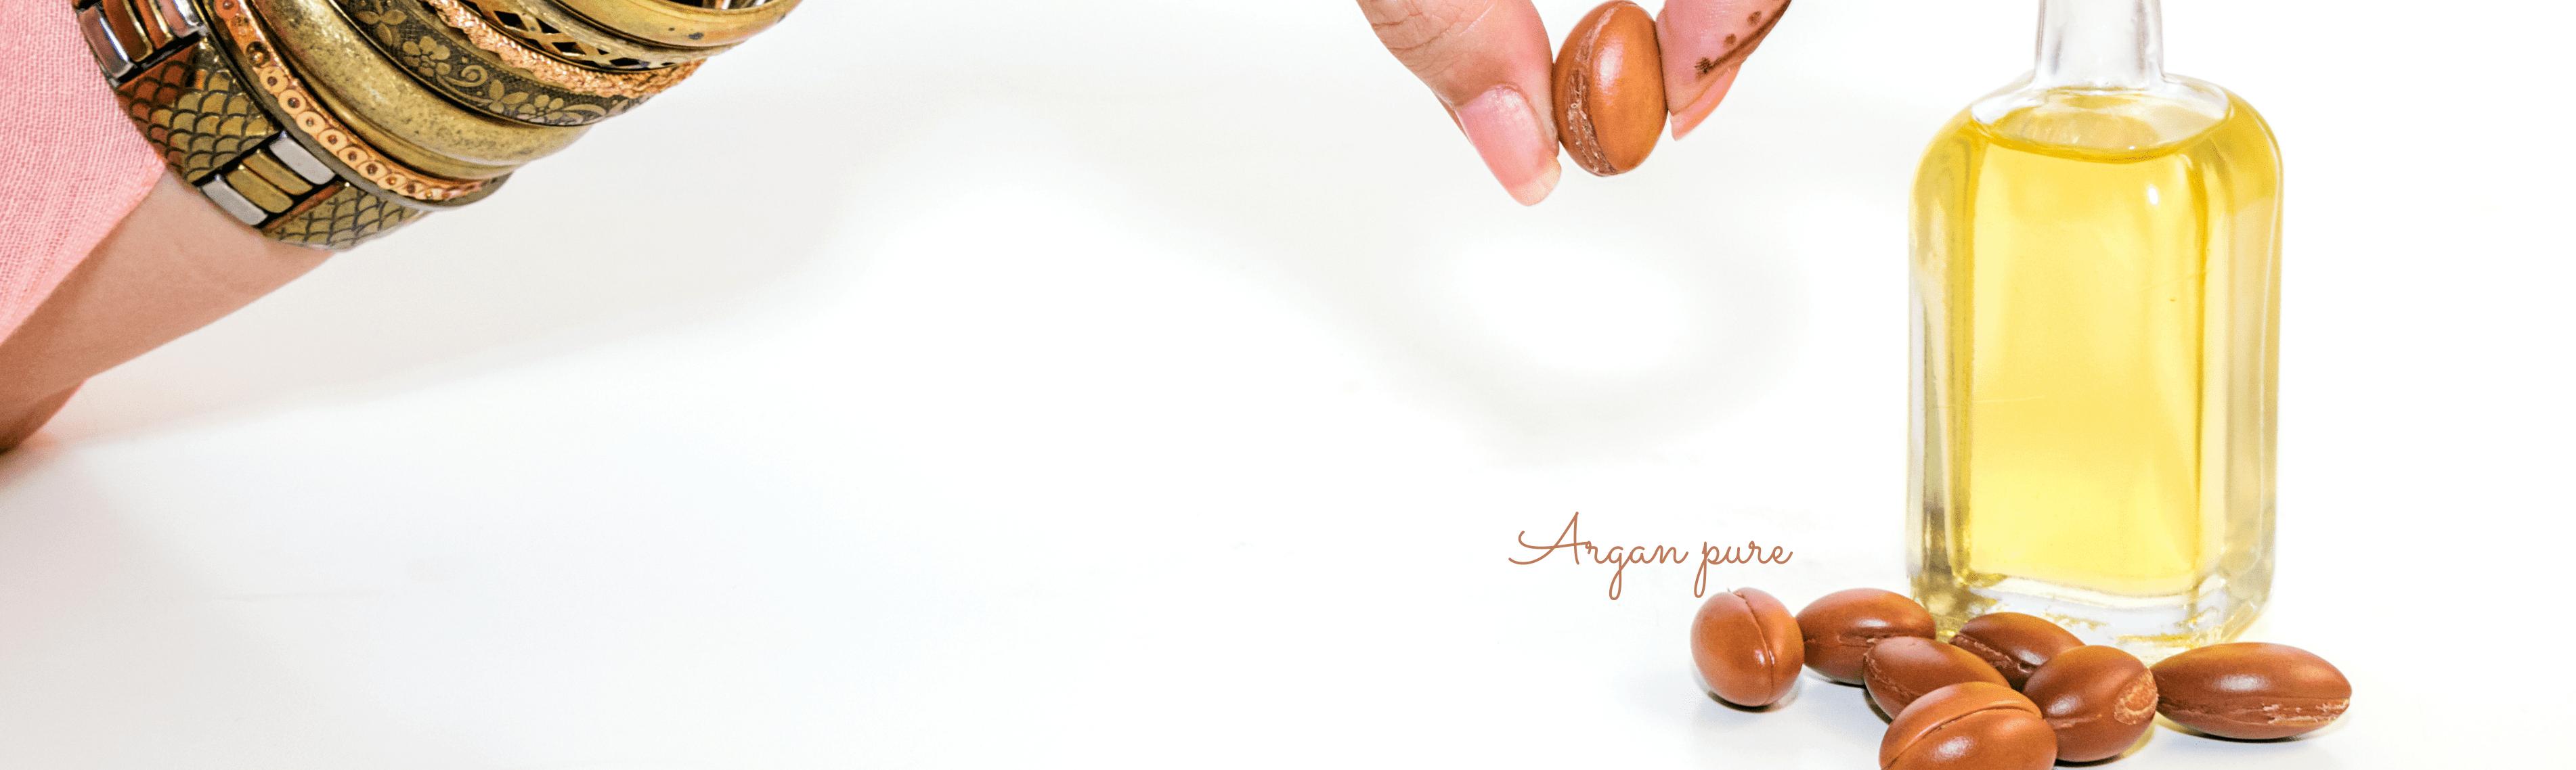 Découvrez l'huile d'argan pure ou enrichie en huile essentielle ou végétale...